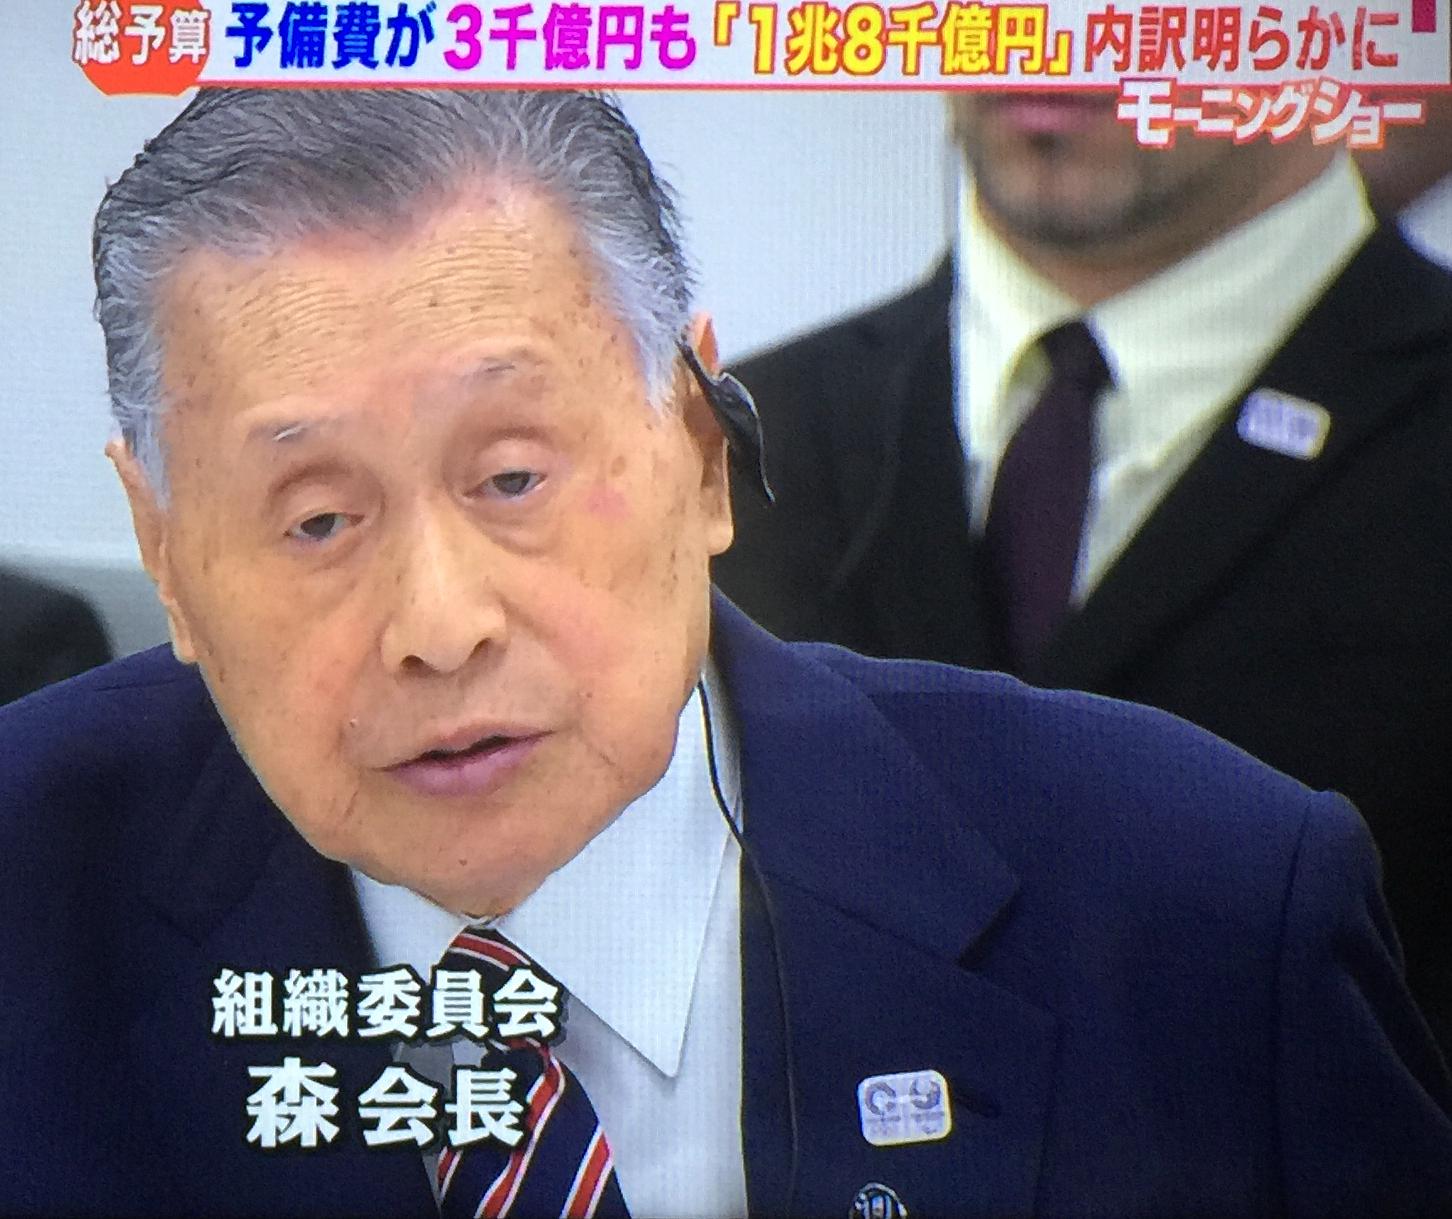 【悲報】東京オリンピック費用として「1人10万円」徴収へ → 4人家族は40万円の出費wwwwwwwwwwwwwwwwwwwwwのサムネイル画像